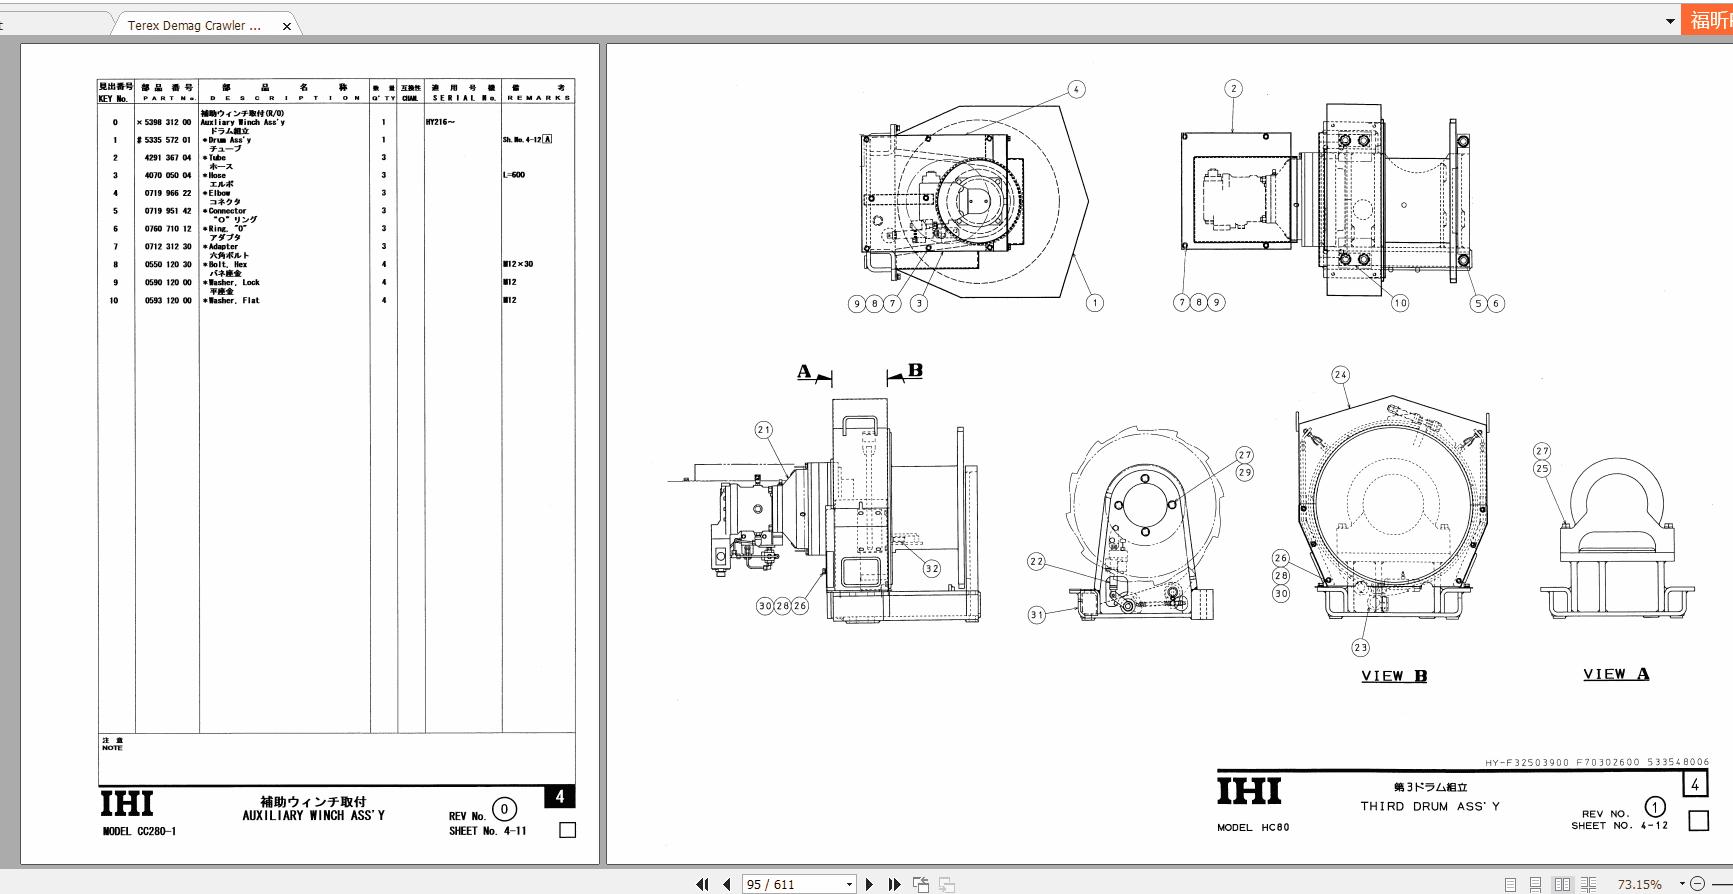 Terex_Demag_Crawler_Crane_CC280-1_HY216_Parts_Catalog_3